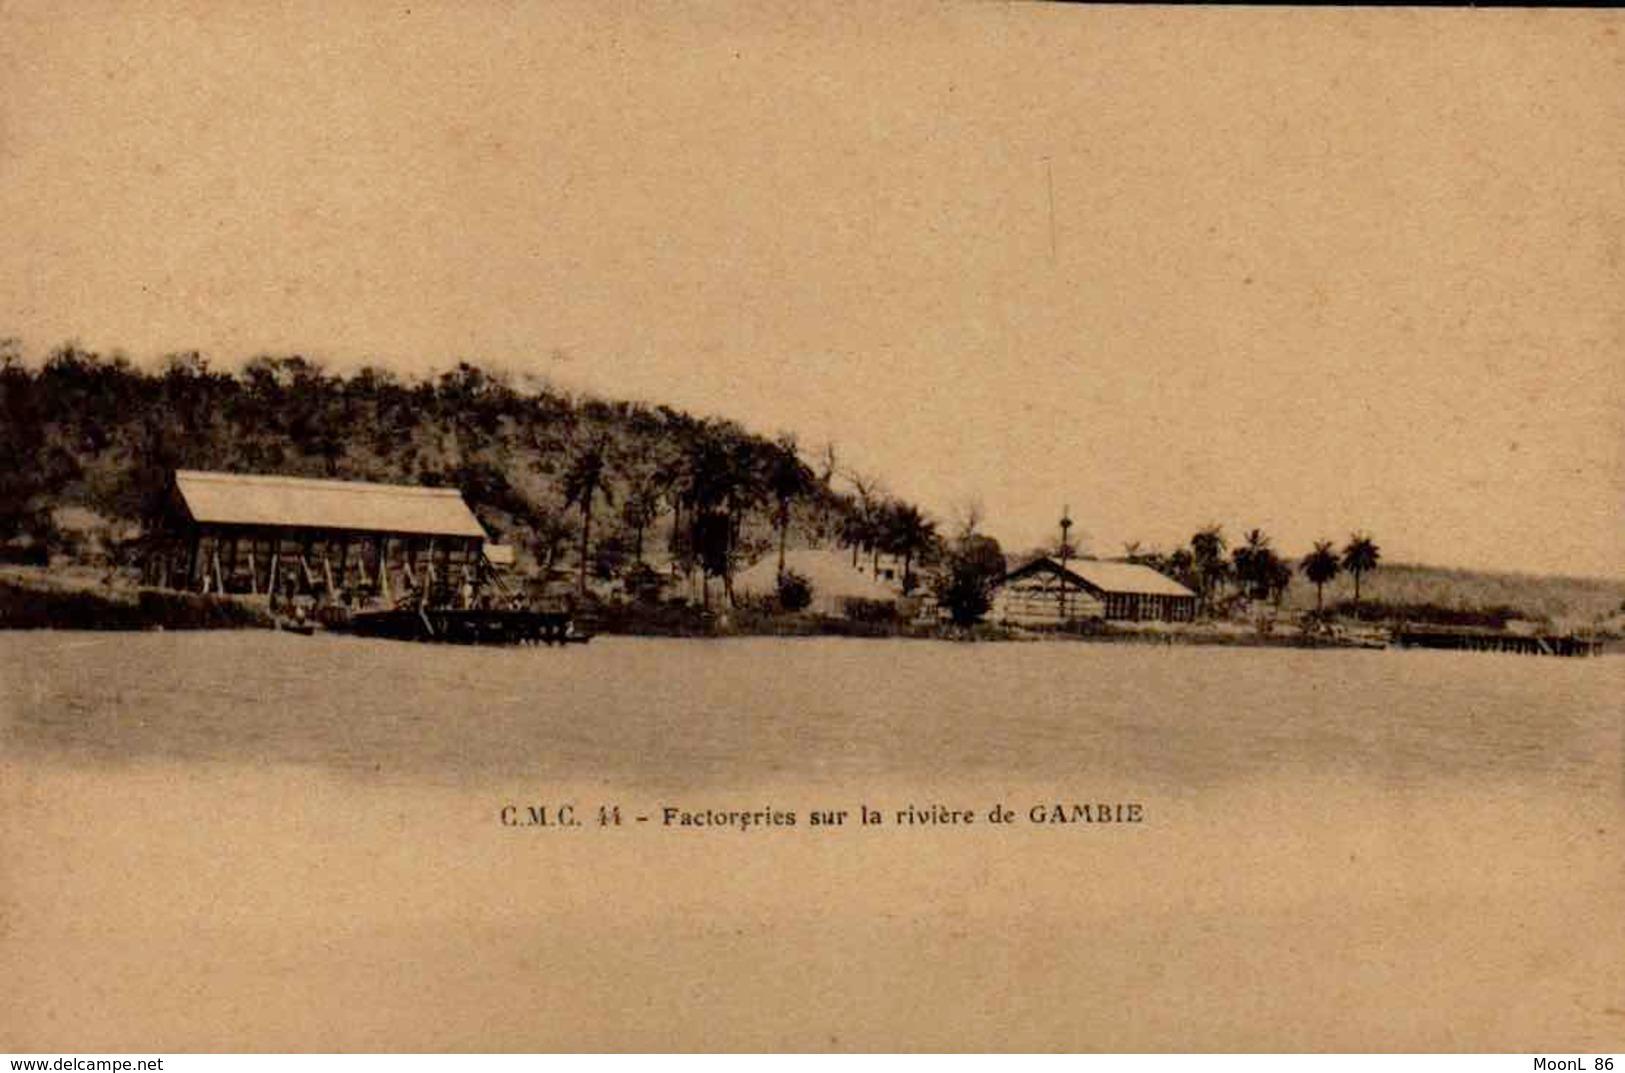 GAMBIE - Ancienne AFRIQUE OCCIDENTALE - BATHURST _ USINE FACTORERIES SUR LA RIVIERE - Gambie